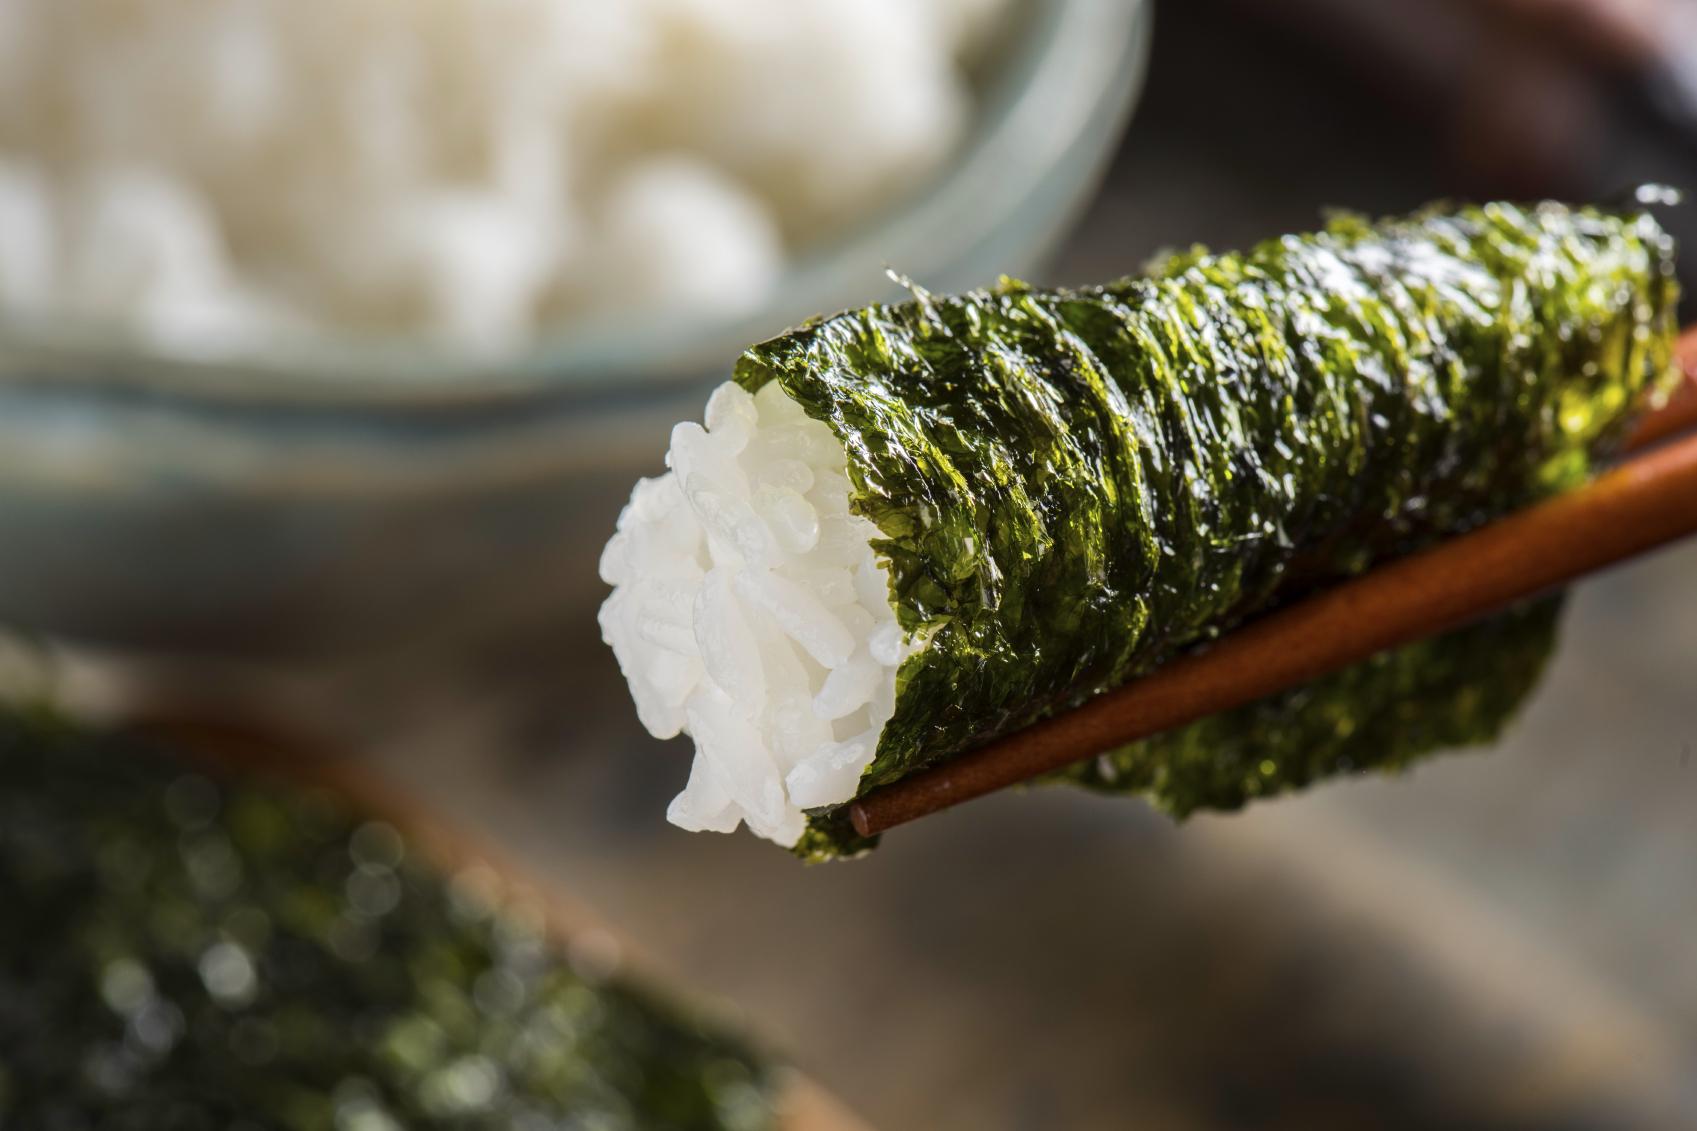 come si prepara il riso per il sushi?